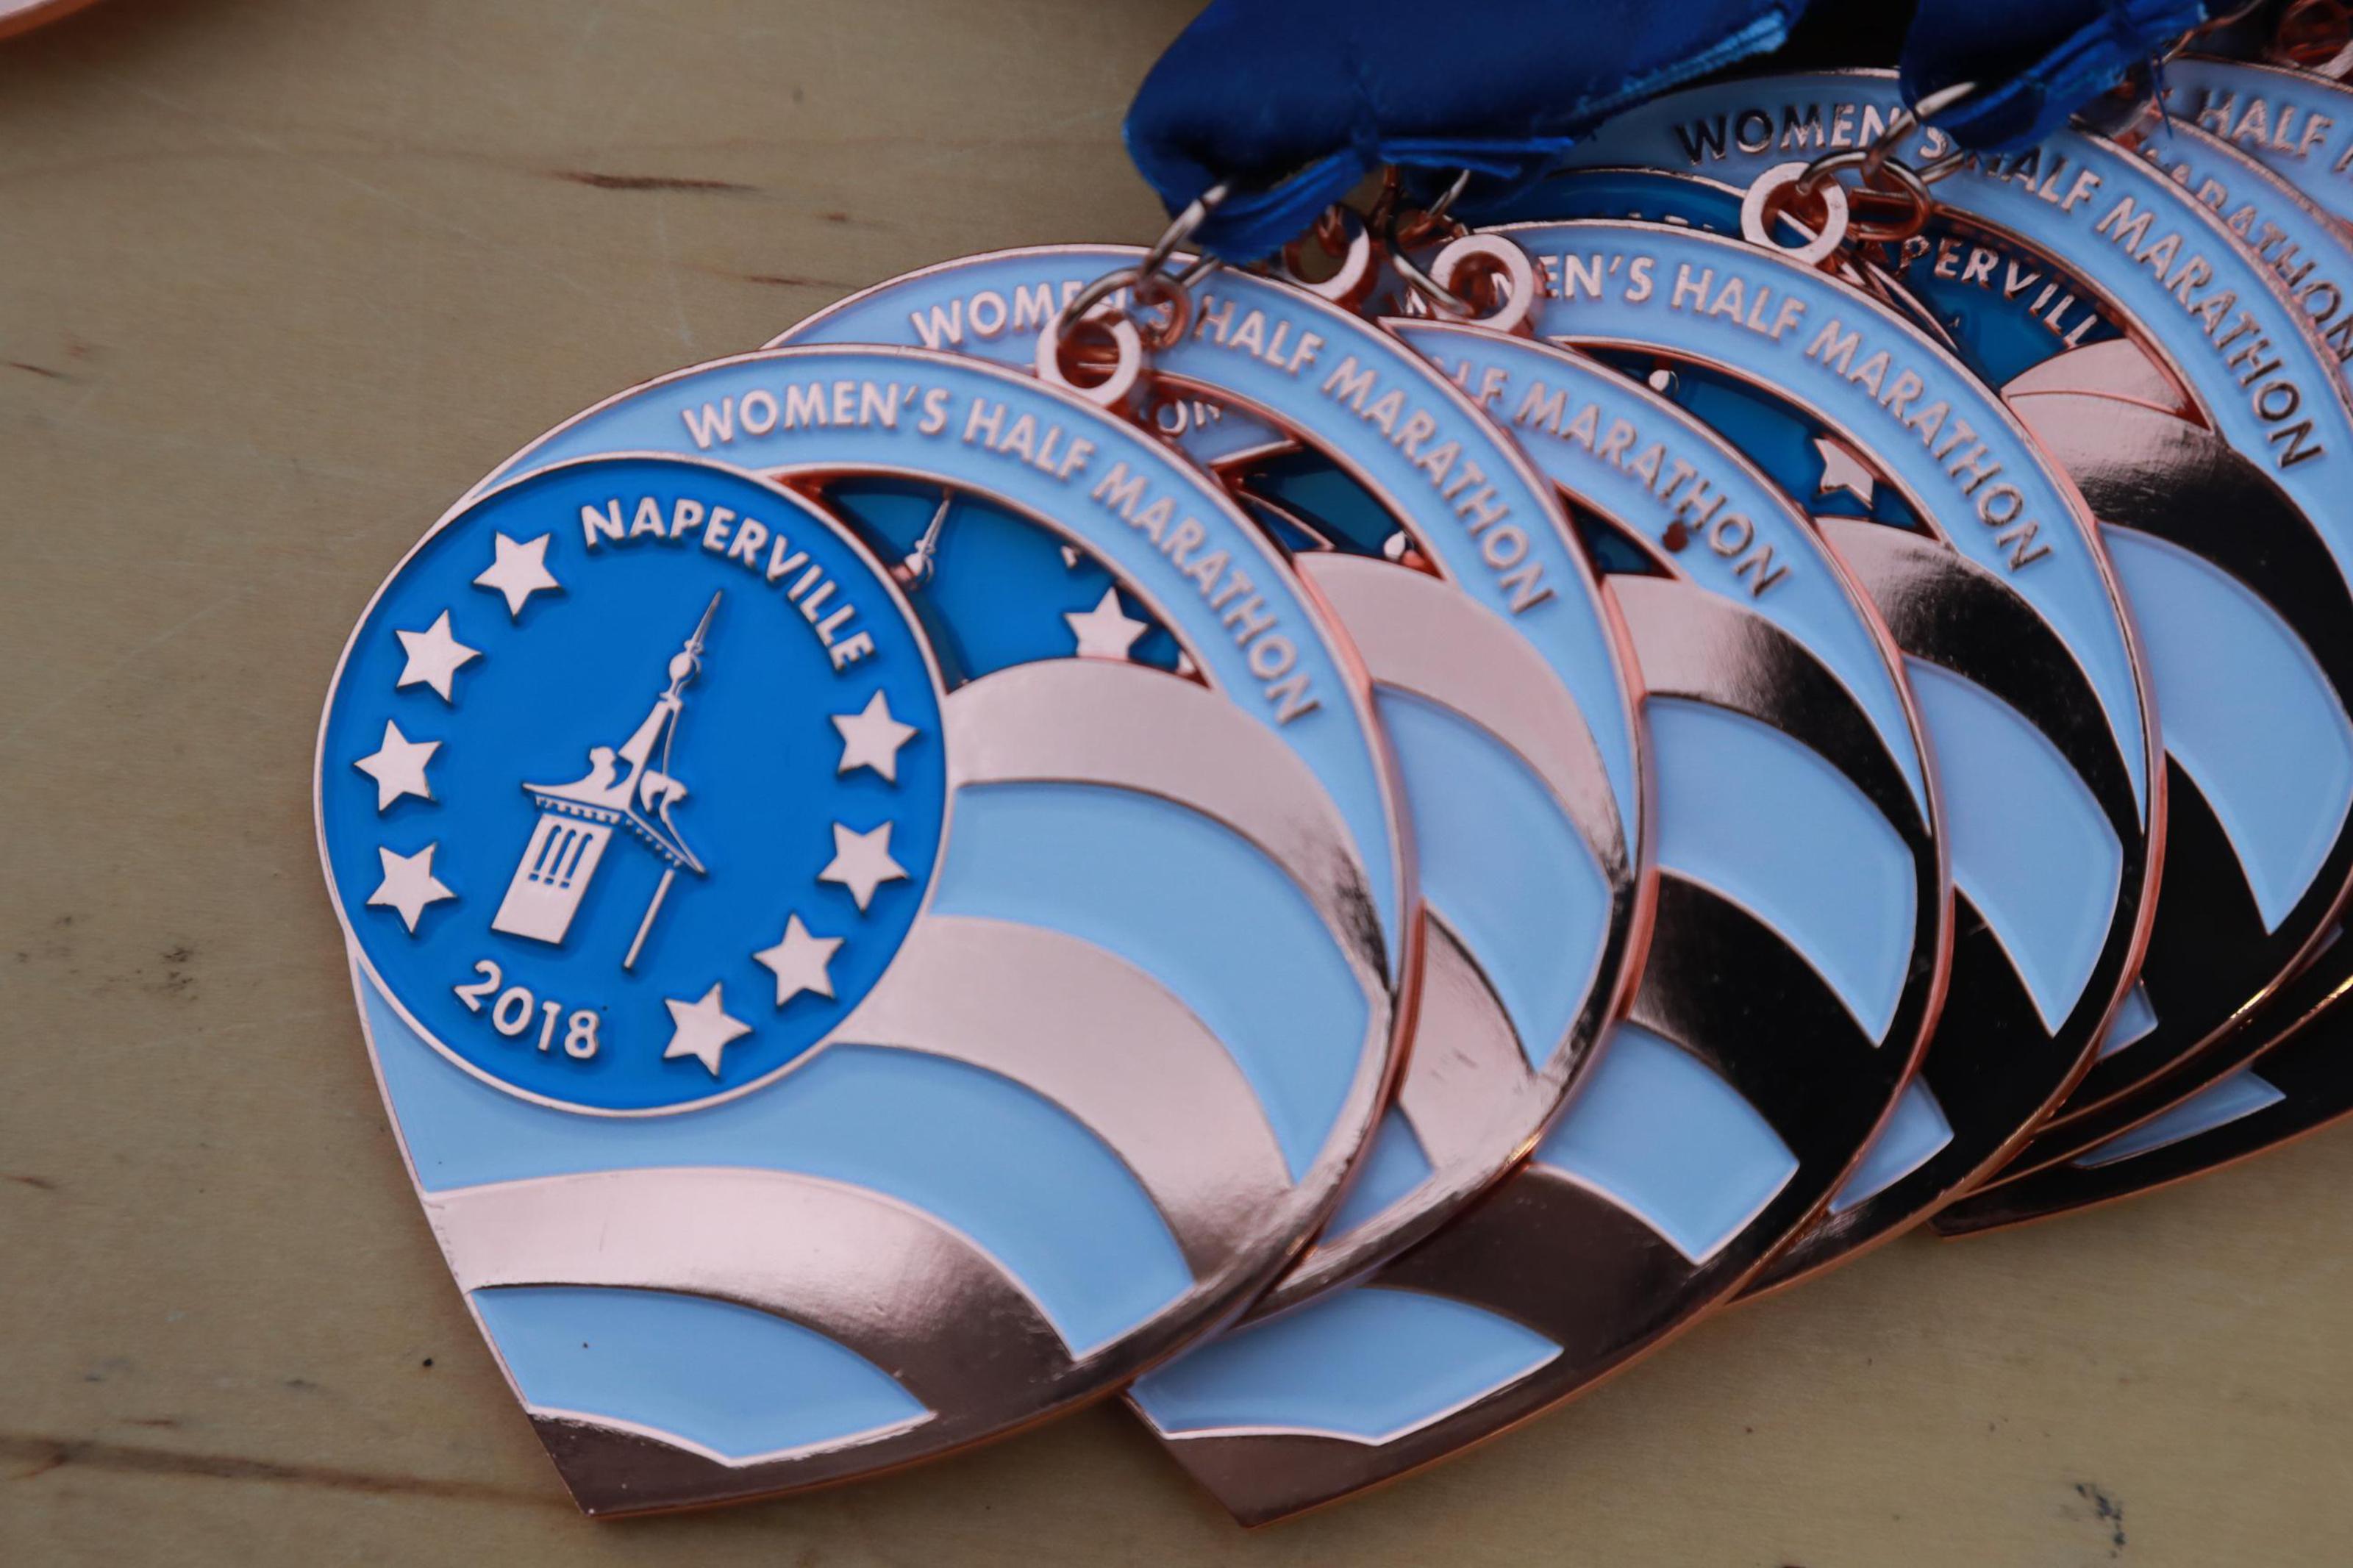 2018 Naperville Women's Half Marathon